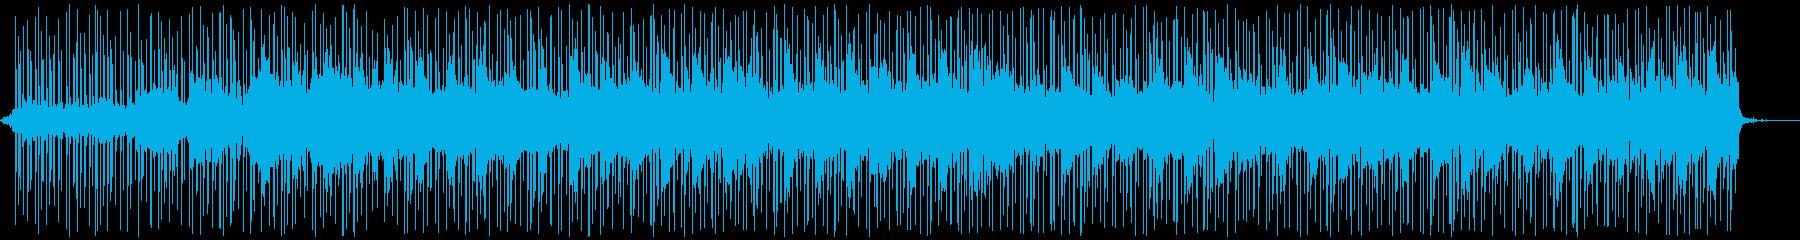 幻想的なChillhop/アンビエント系の再生済みの波形